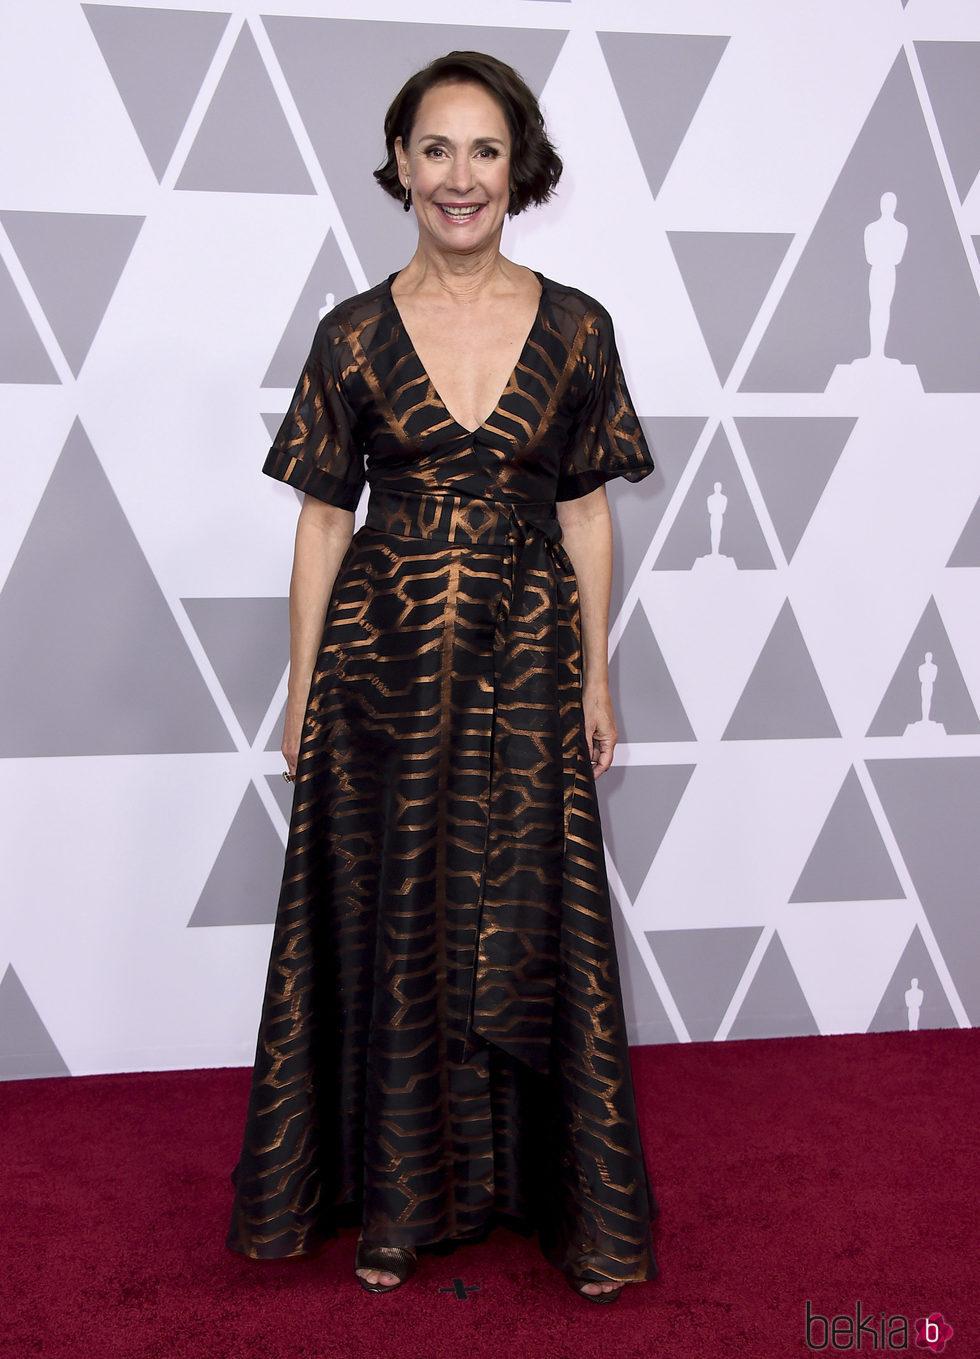 Laurie Metcalf en el almuerzo de los nominados de los Premios Oscar 2018